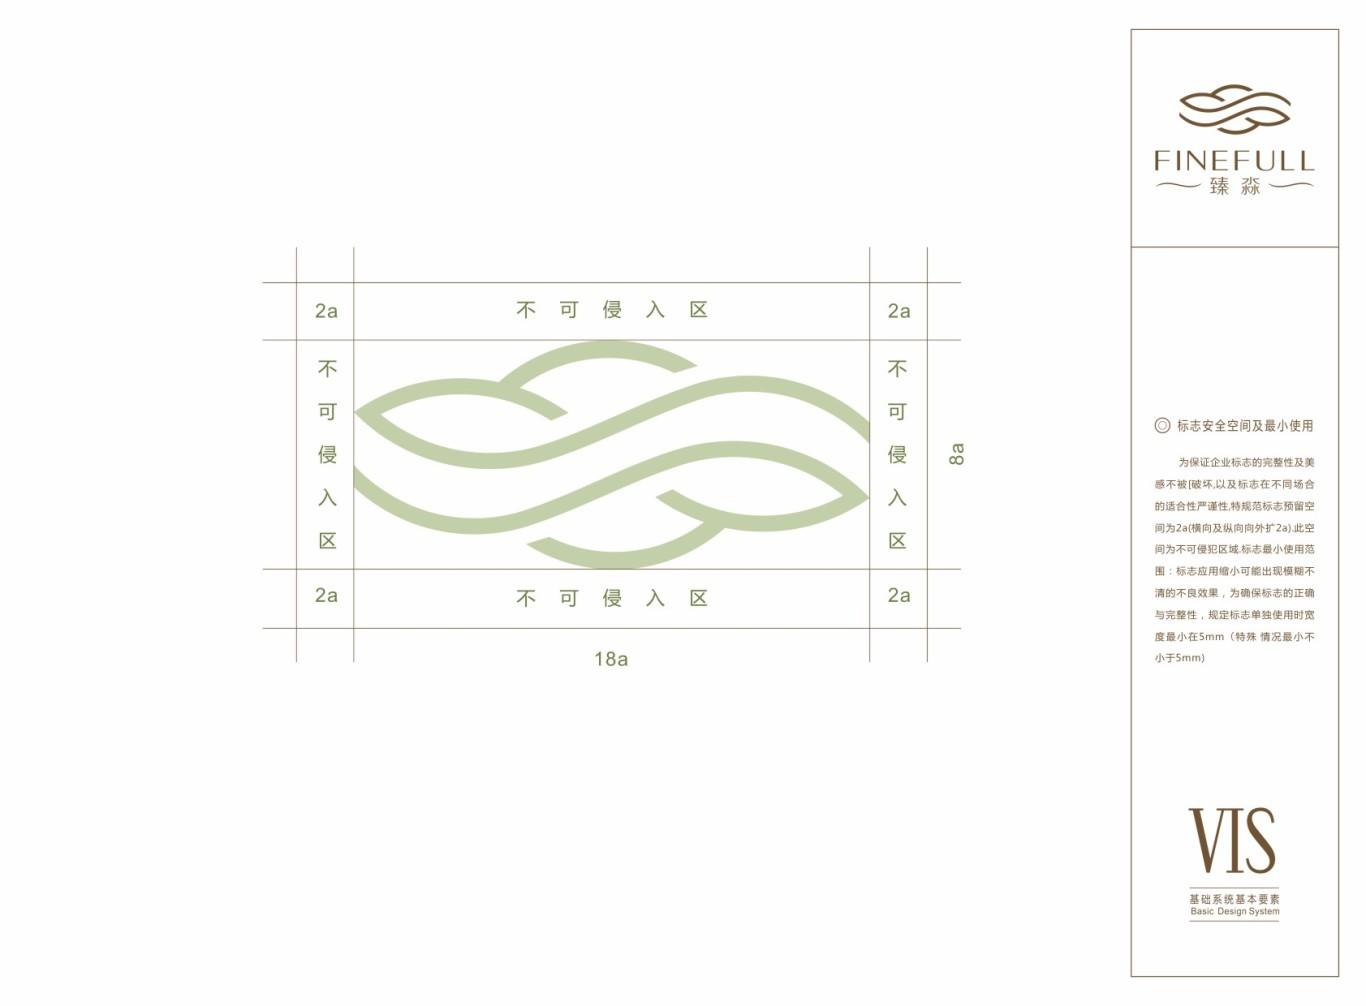 北京五星级FINEFULL-SPA水疗中心标志及VI设计图4